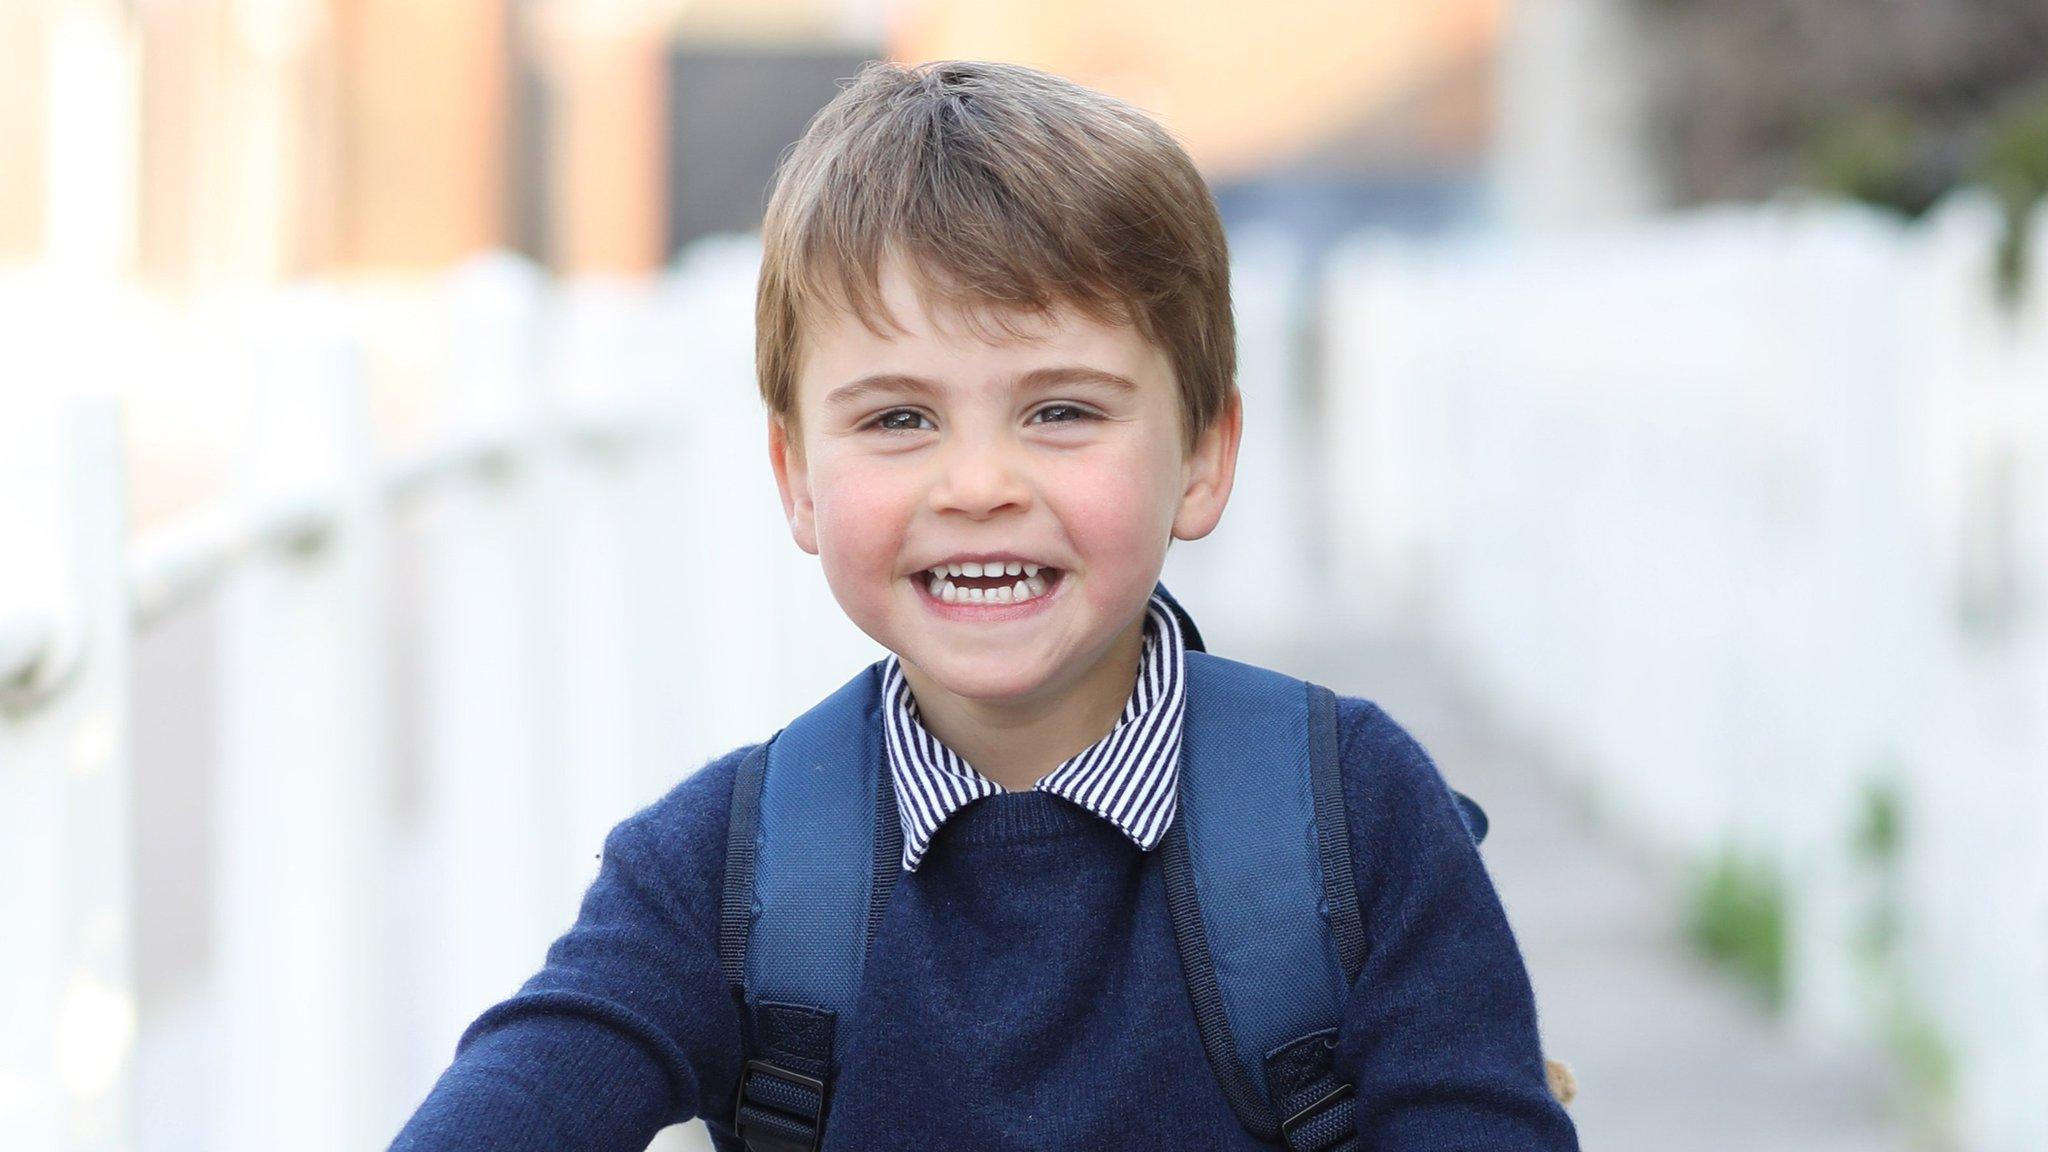 Дайджест: Салливан вернулся в Вашингтон, принц Луи пошел в детский сад